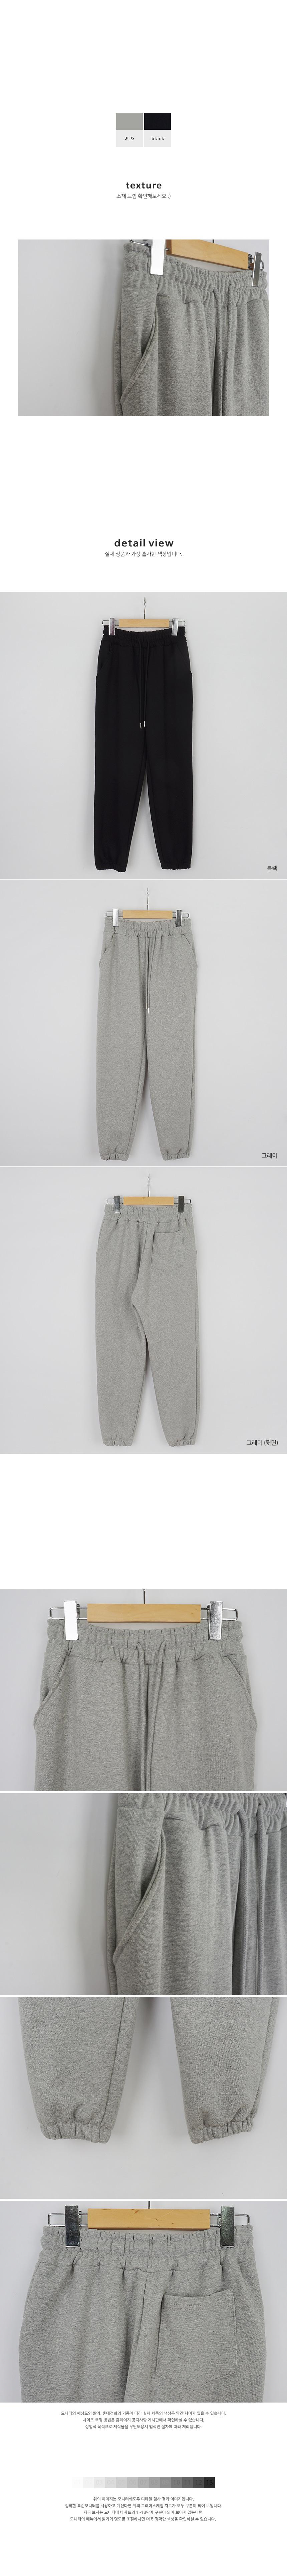 Lambert Jogger Pants